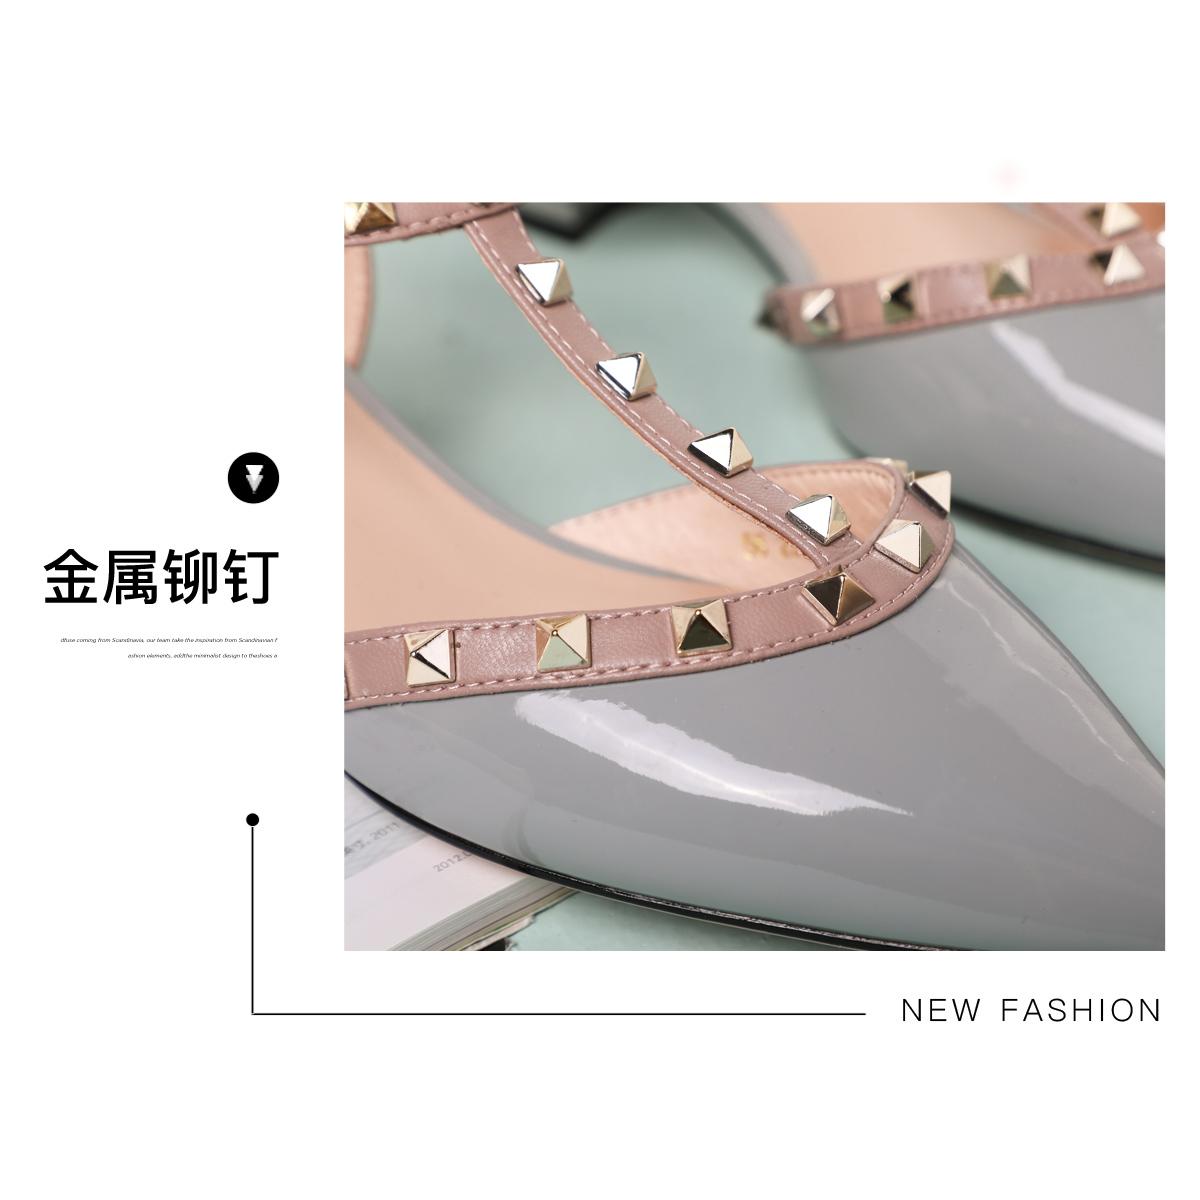 SS11114075 春夏新款拼色铆钉中跟粗跟包头女鞋 2021 星期六时装凉鞋